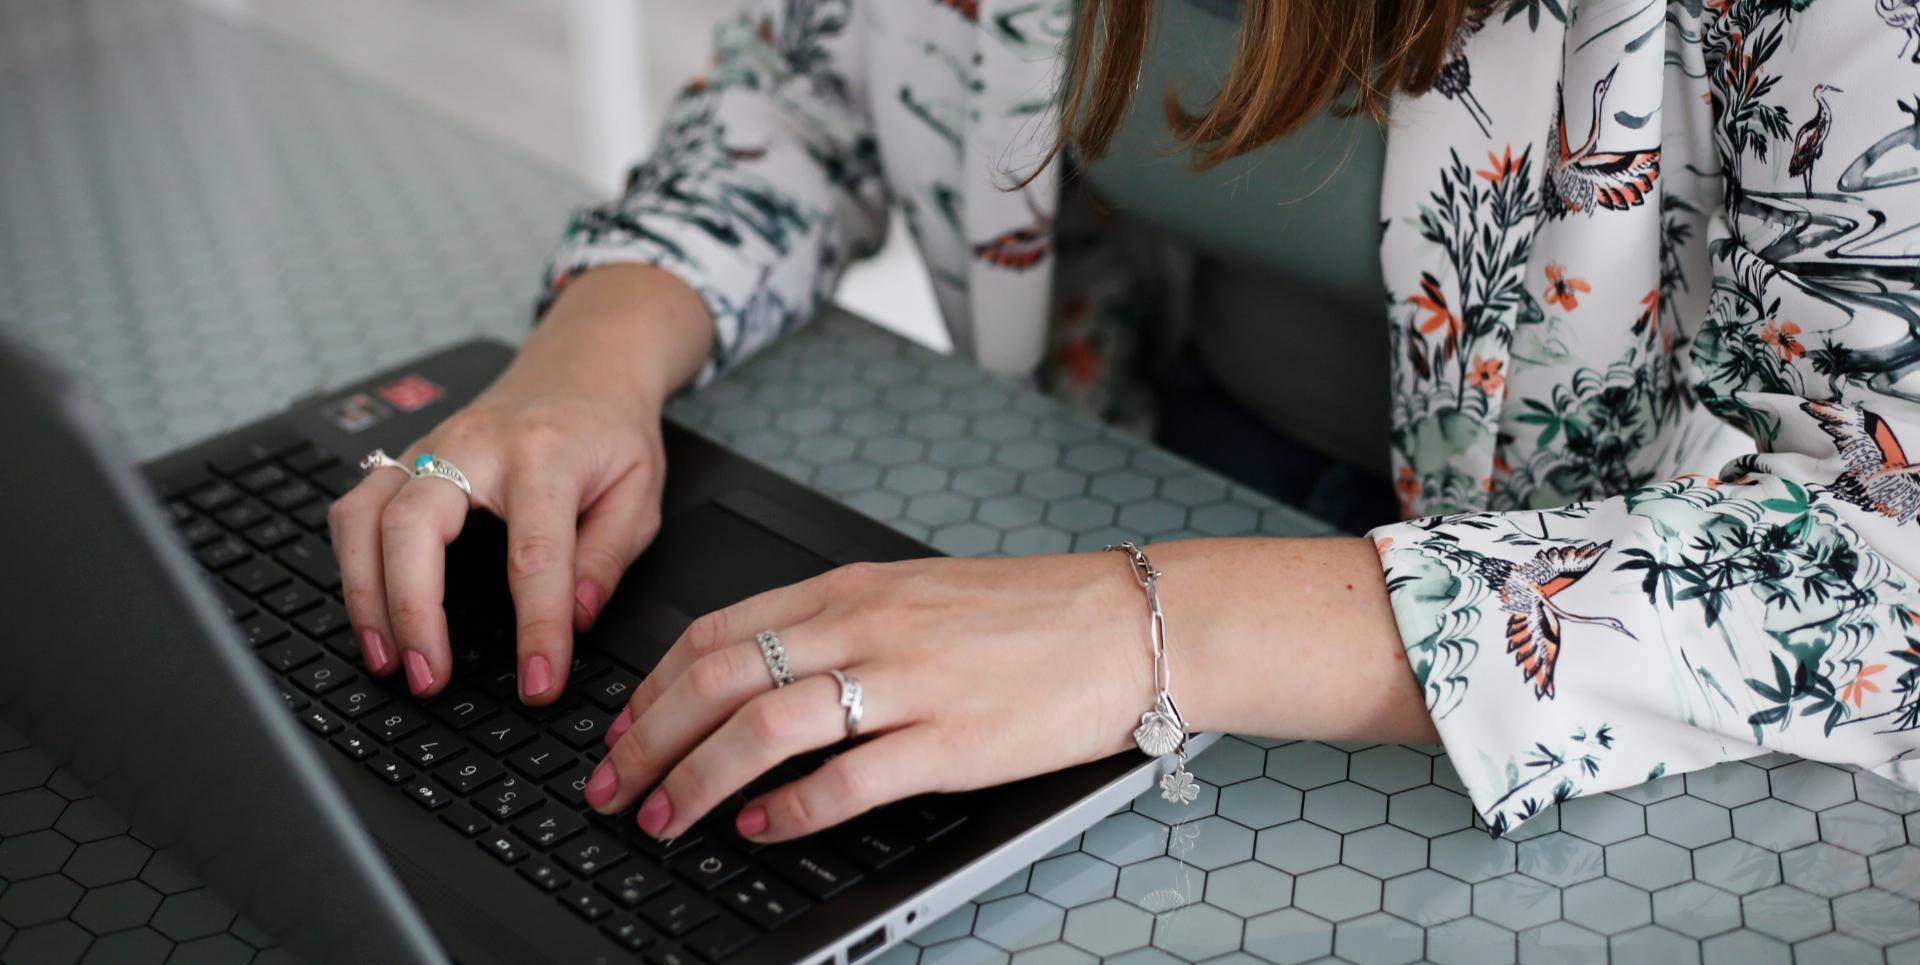 2handenvrij handen en laptop in beeld